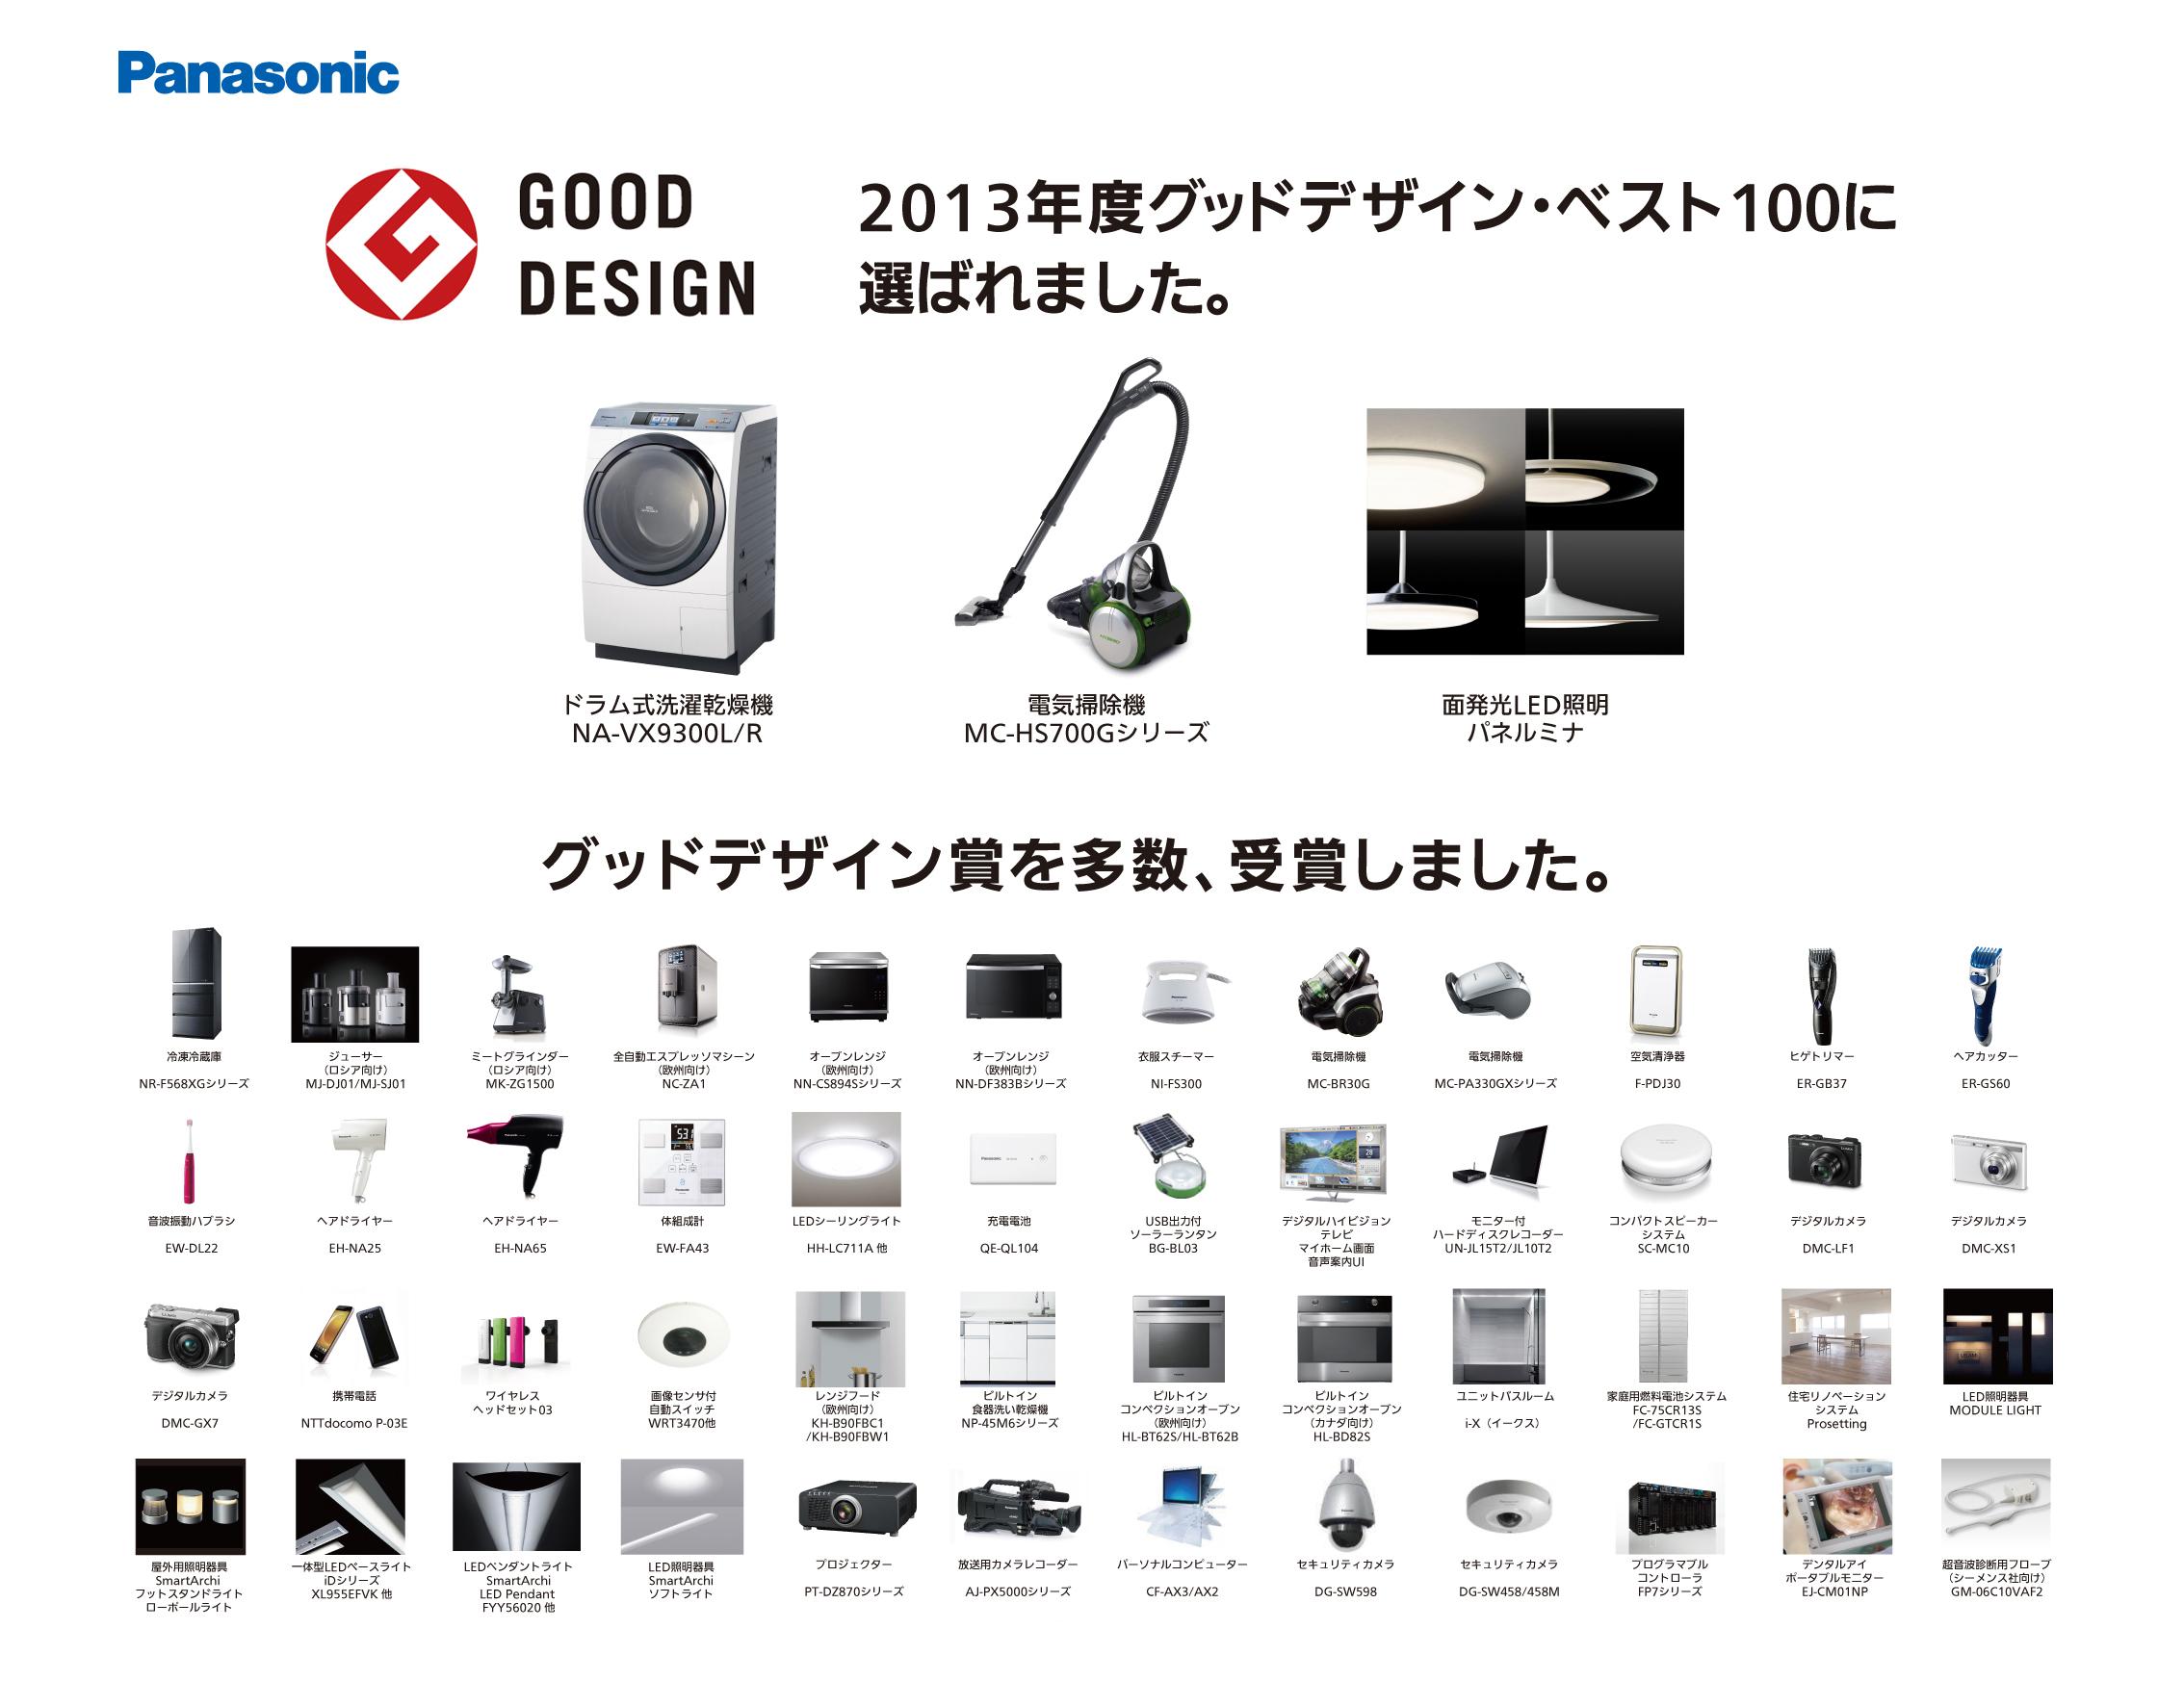 パナソニックの2013年グッドデザイン賞、受賞製品